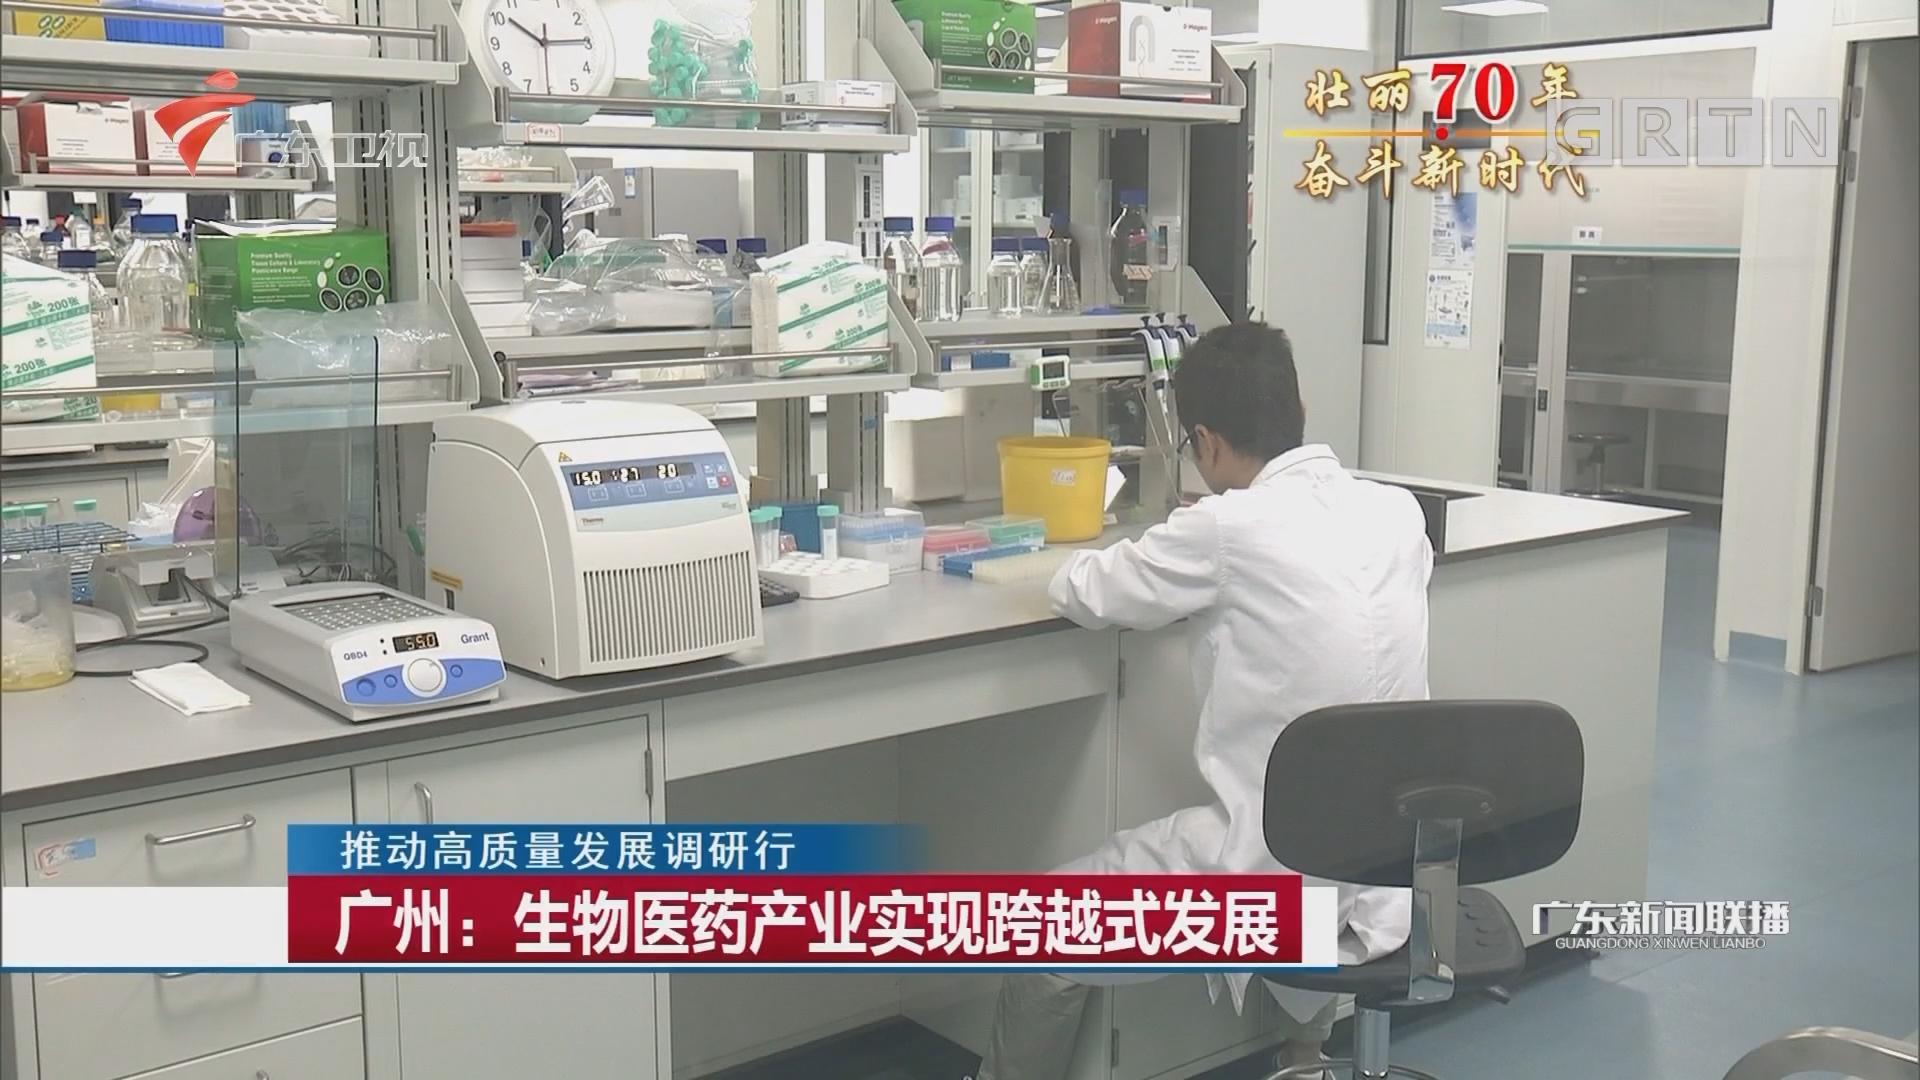 广州:生物医药产业实现跨越式发展